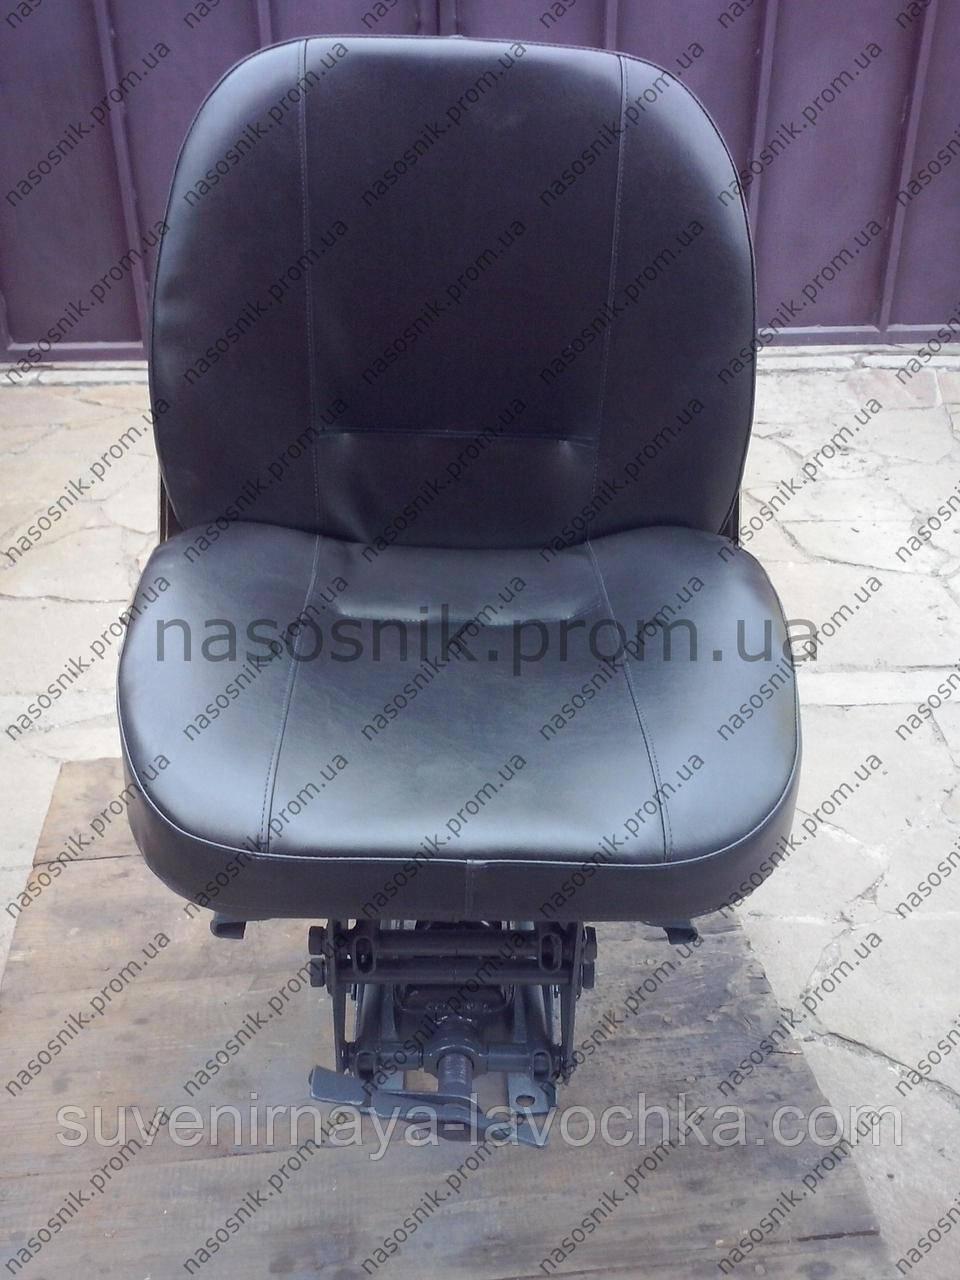 151.44.001 Сиденье кабины Т-150 водительское ХТЗ